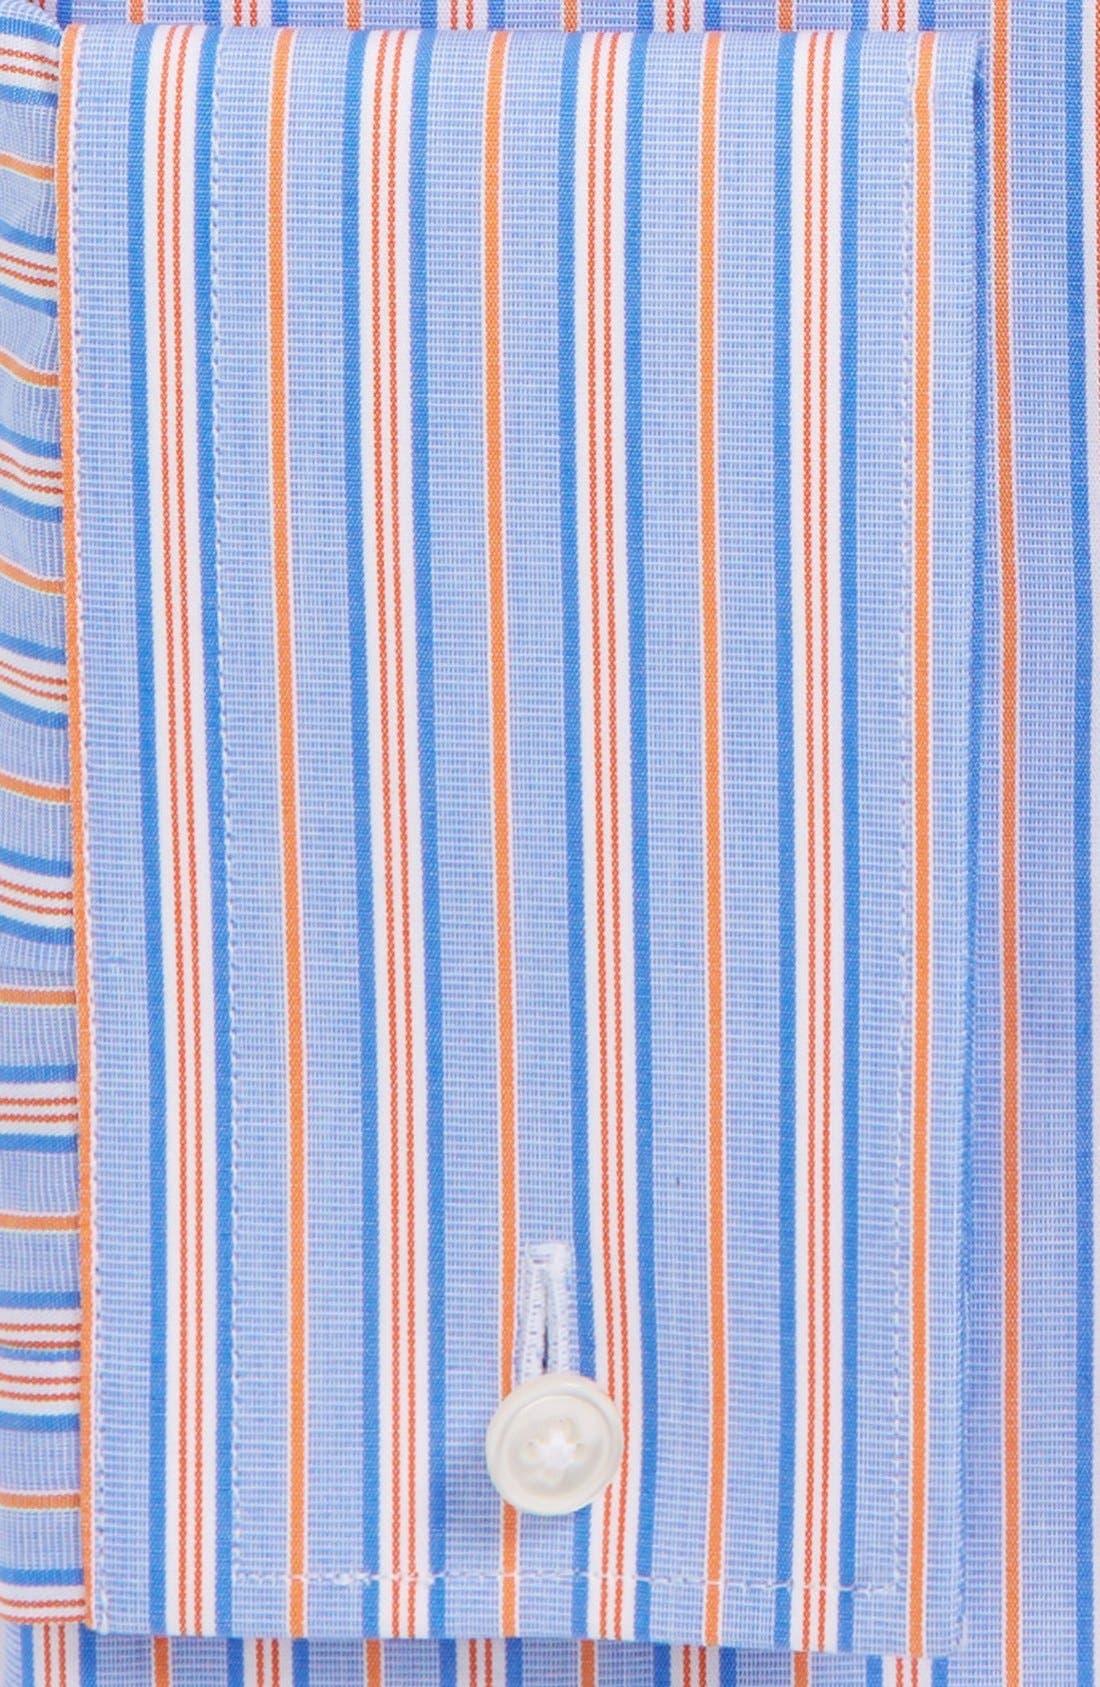 Alternate Image 2  - BOSS HUGO BOSS 'Maison' Sharp Fit French Cuff Stripe Dress Shirt